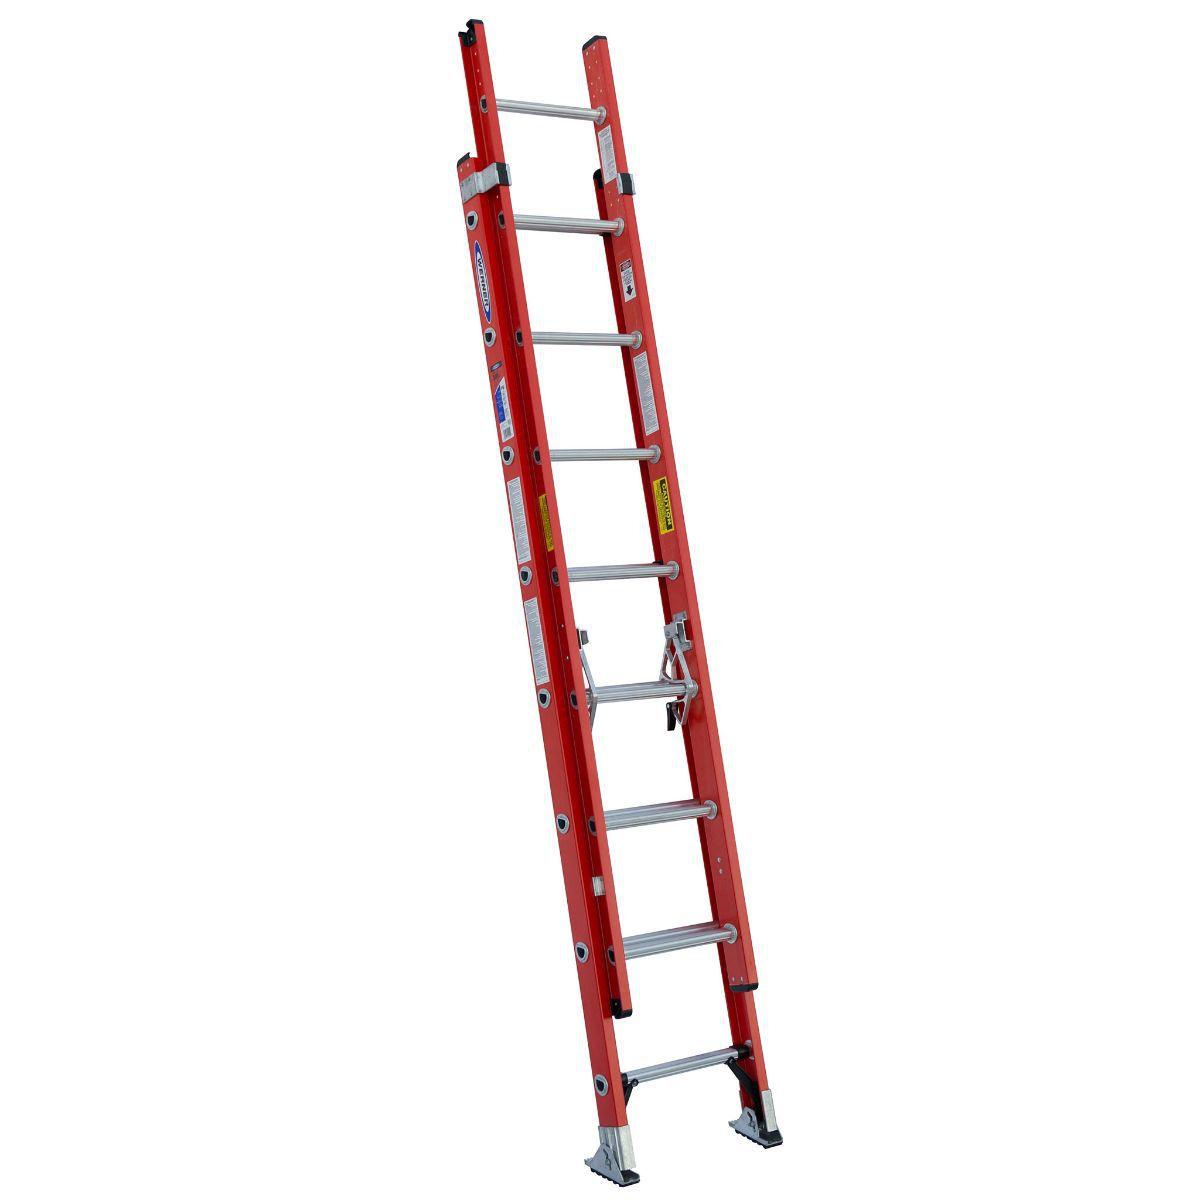 Werner D6200 Fiberglass Extension Ladder